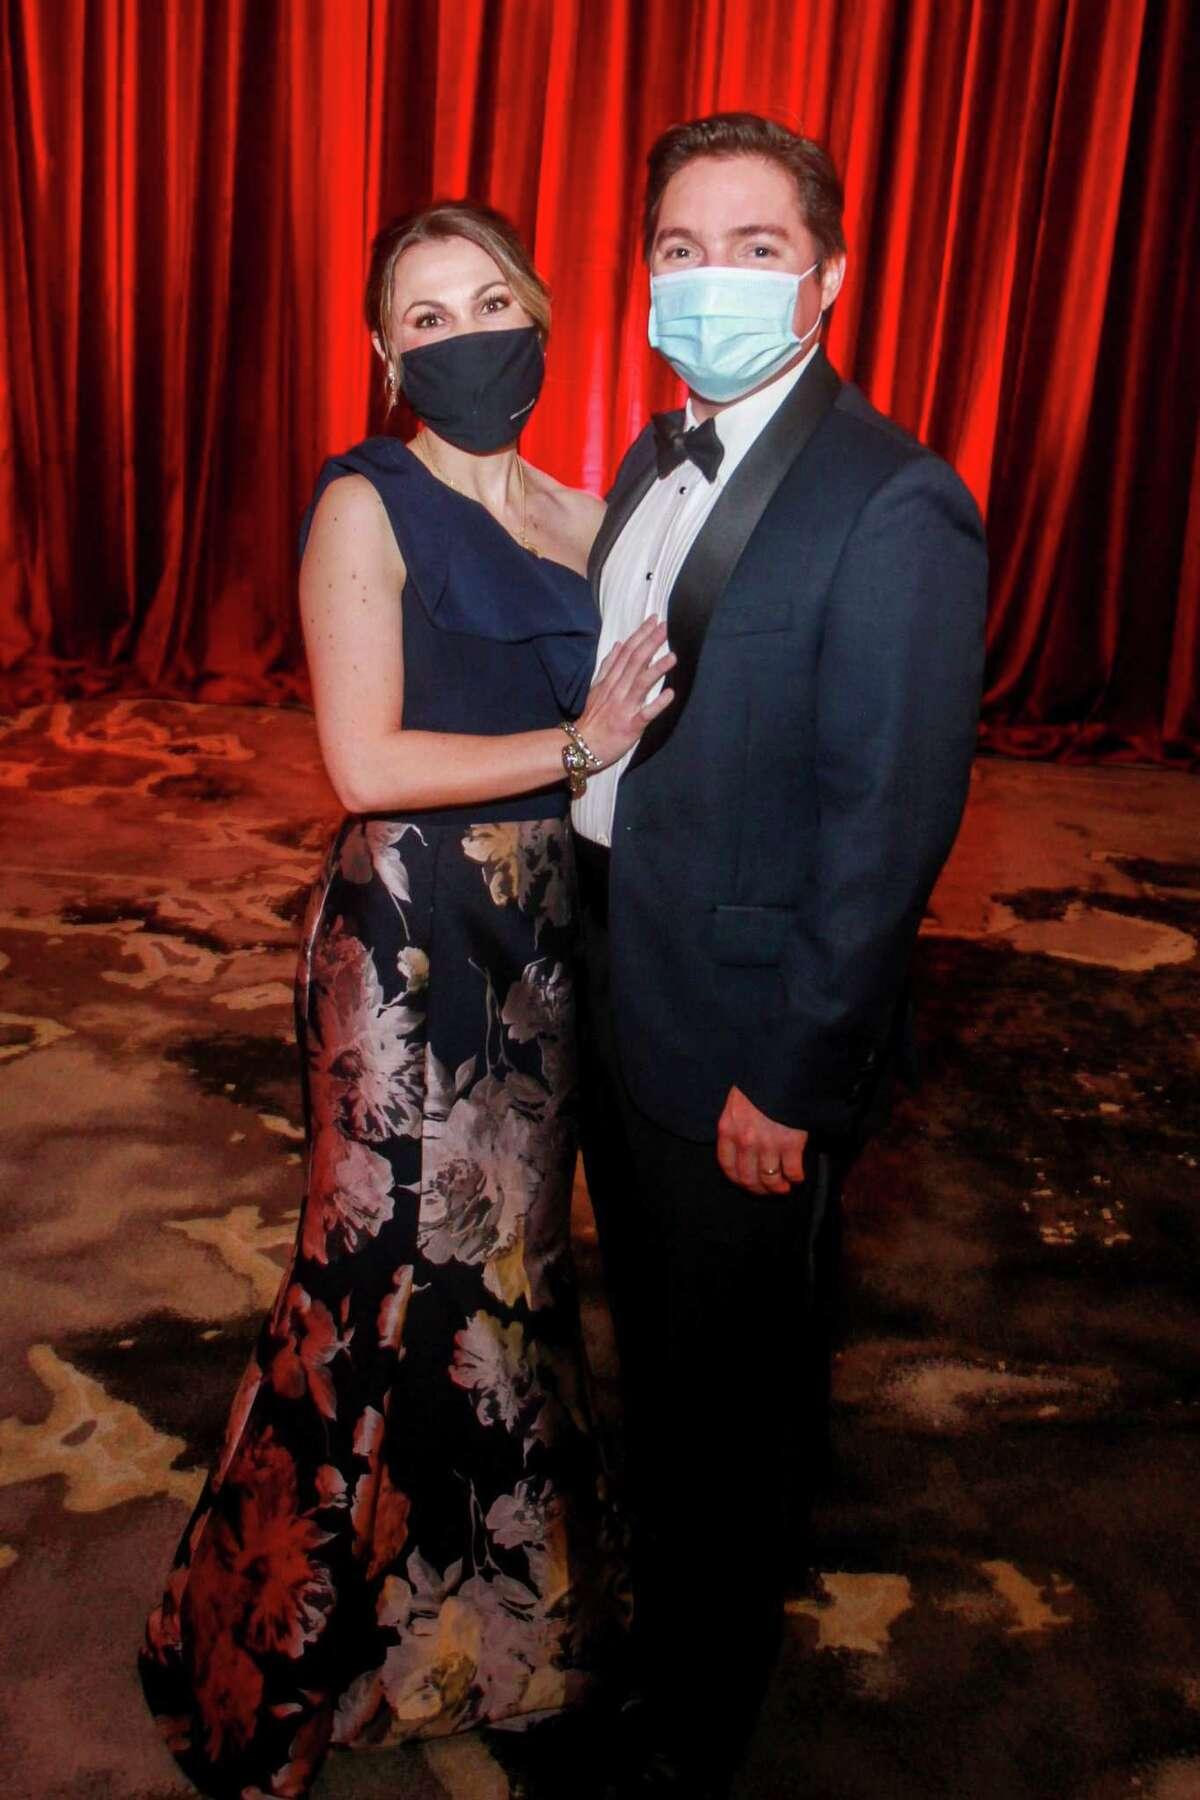 Mahalia and Daniel Doughty at the Houston Symphony Royal Ball in Houston, Texas on February 27, 2021.